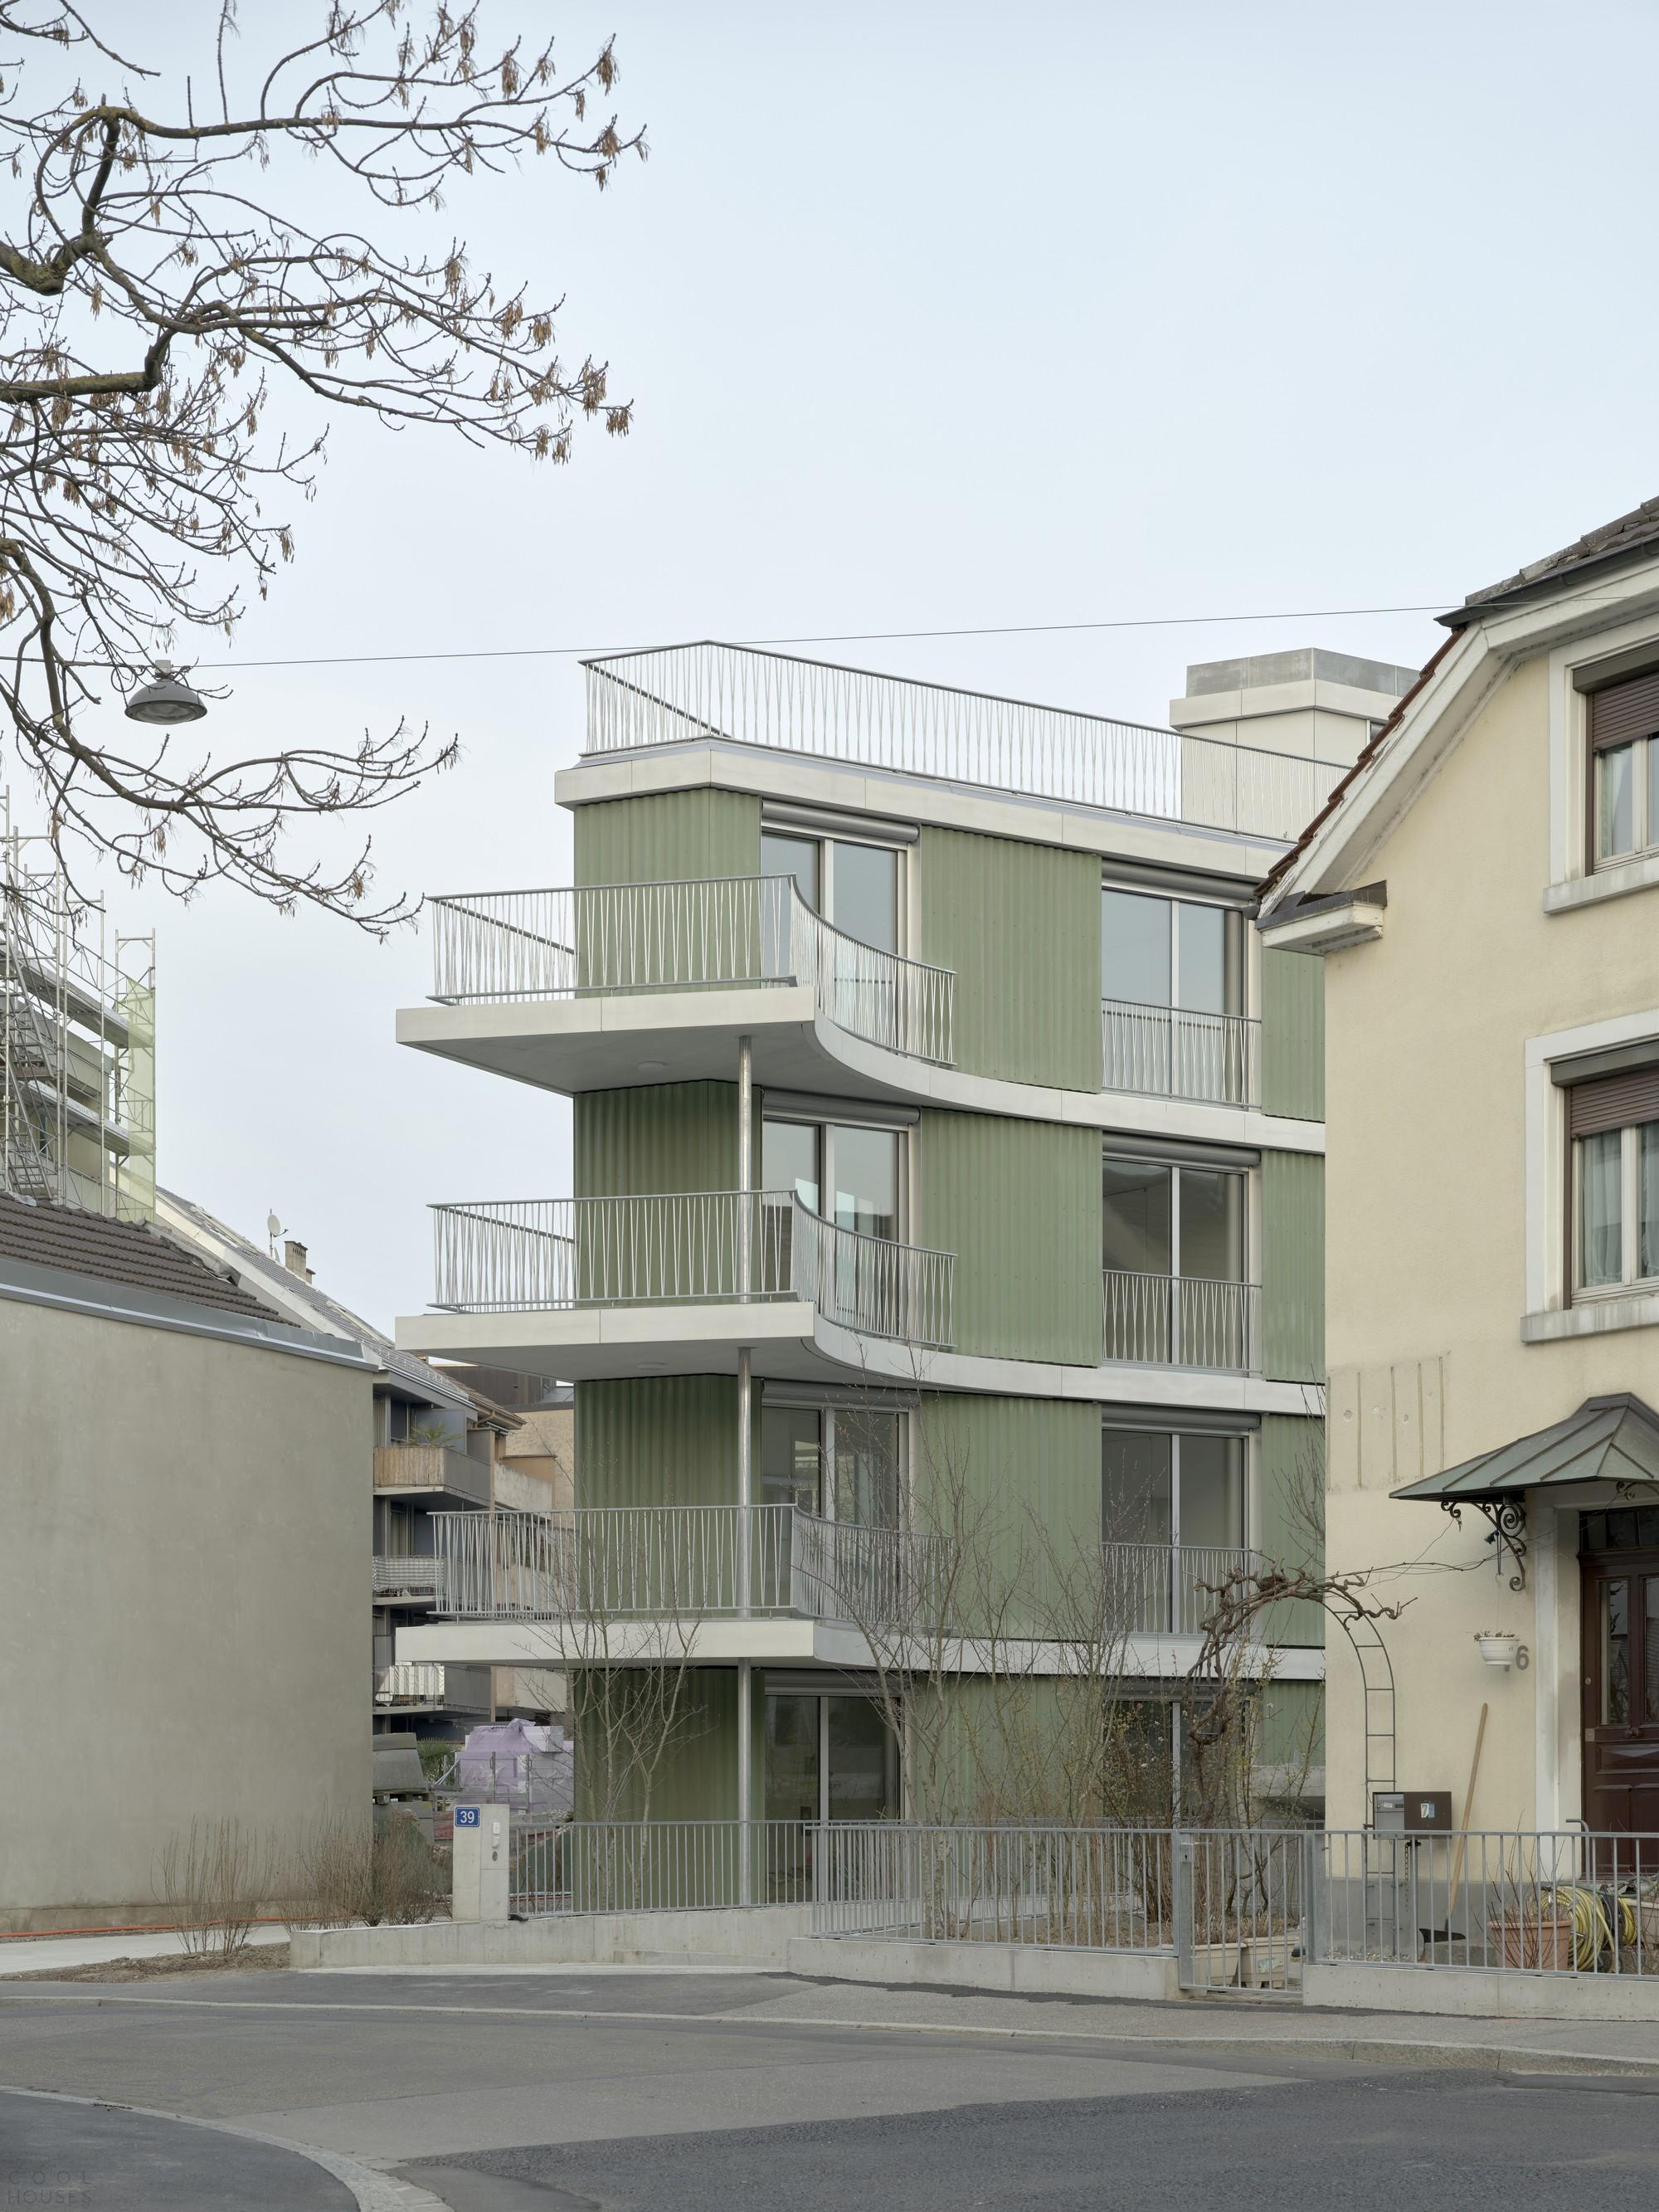 Многоквартирный жилой дом, воссоздающий настроение городских дворовых построек